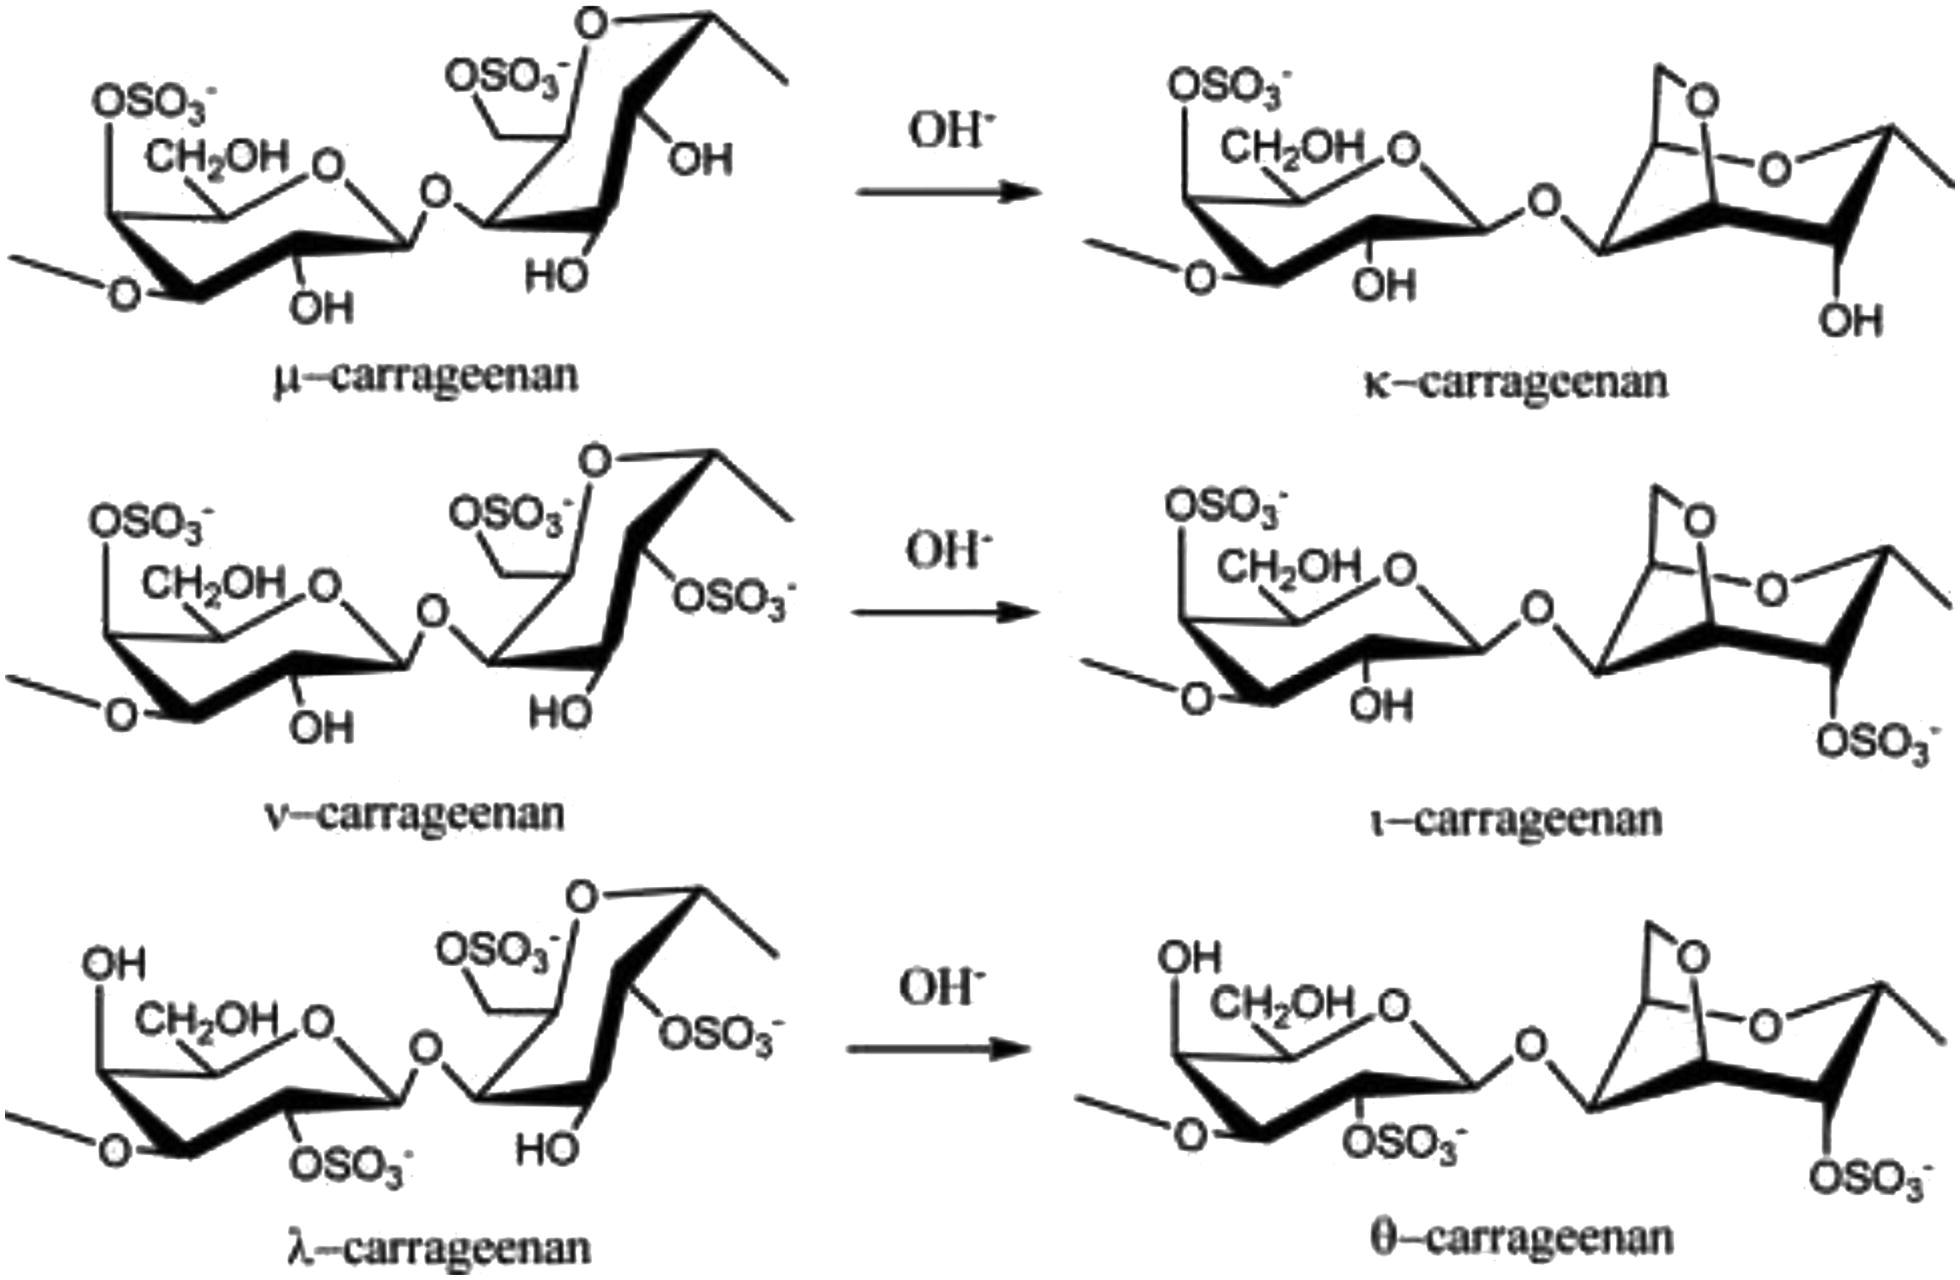 Figure 1. Ideal carrageenan structures.jpeg